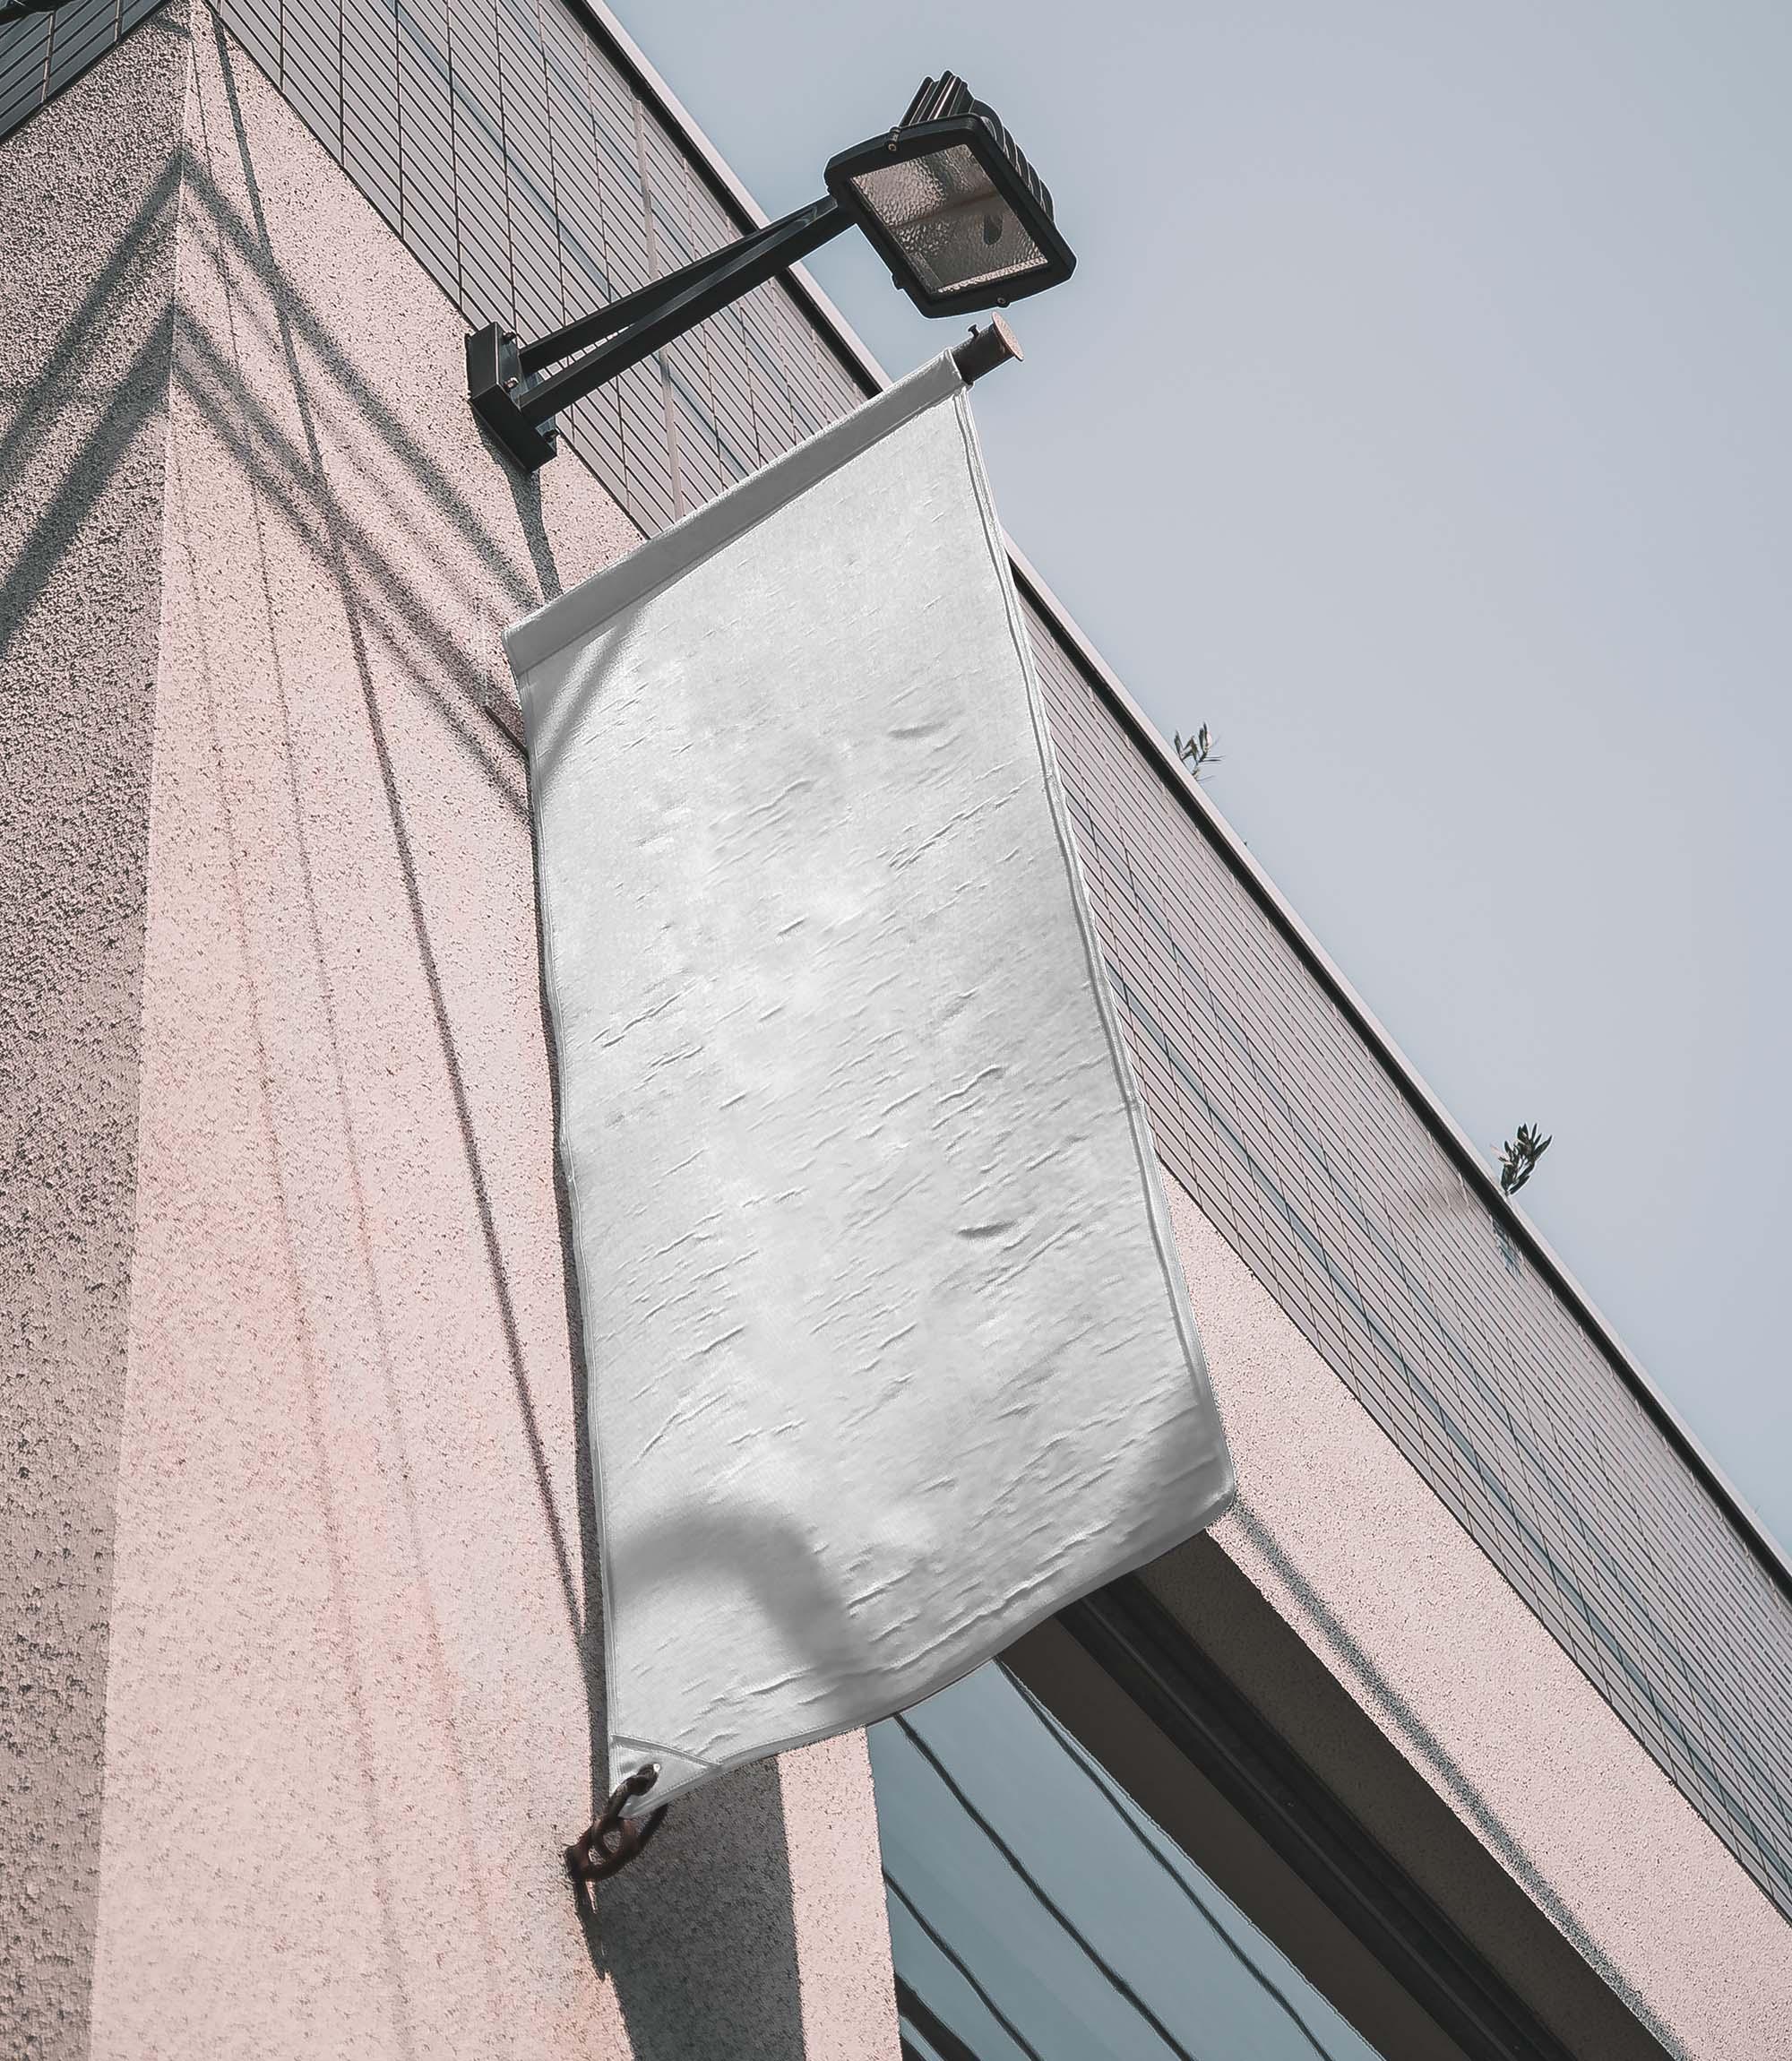 Vertical Flag on Building Mockup 2